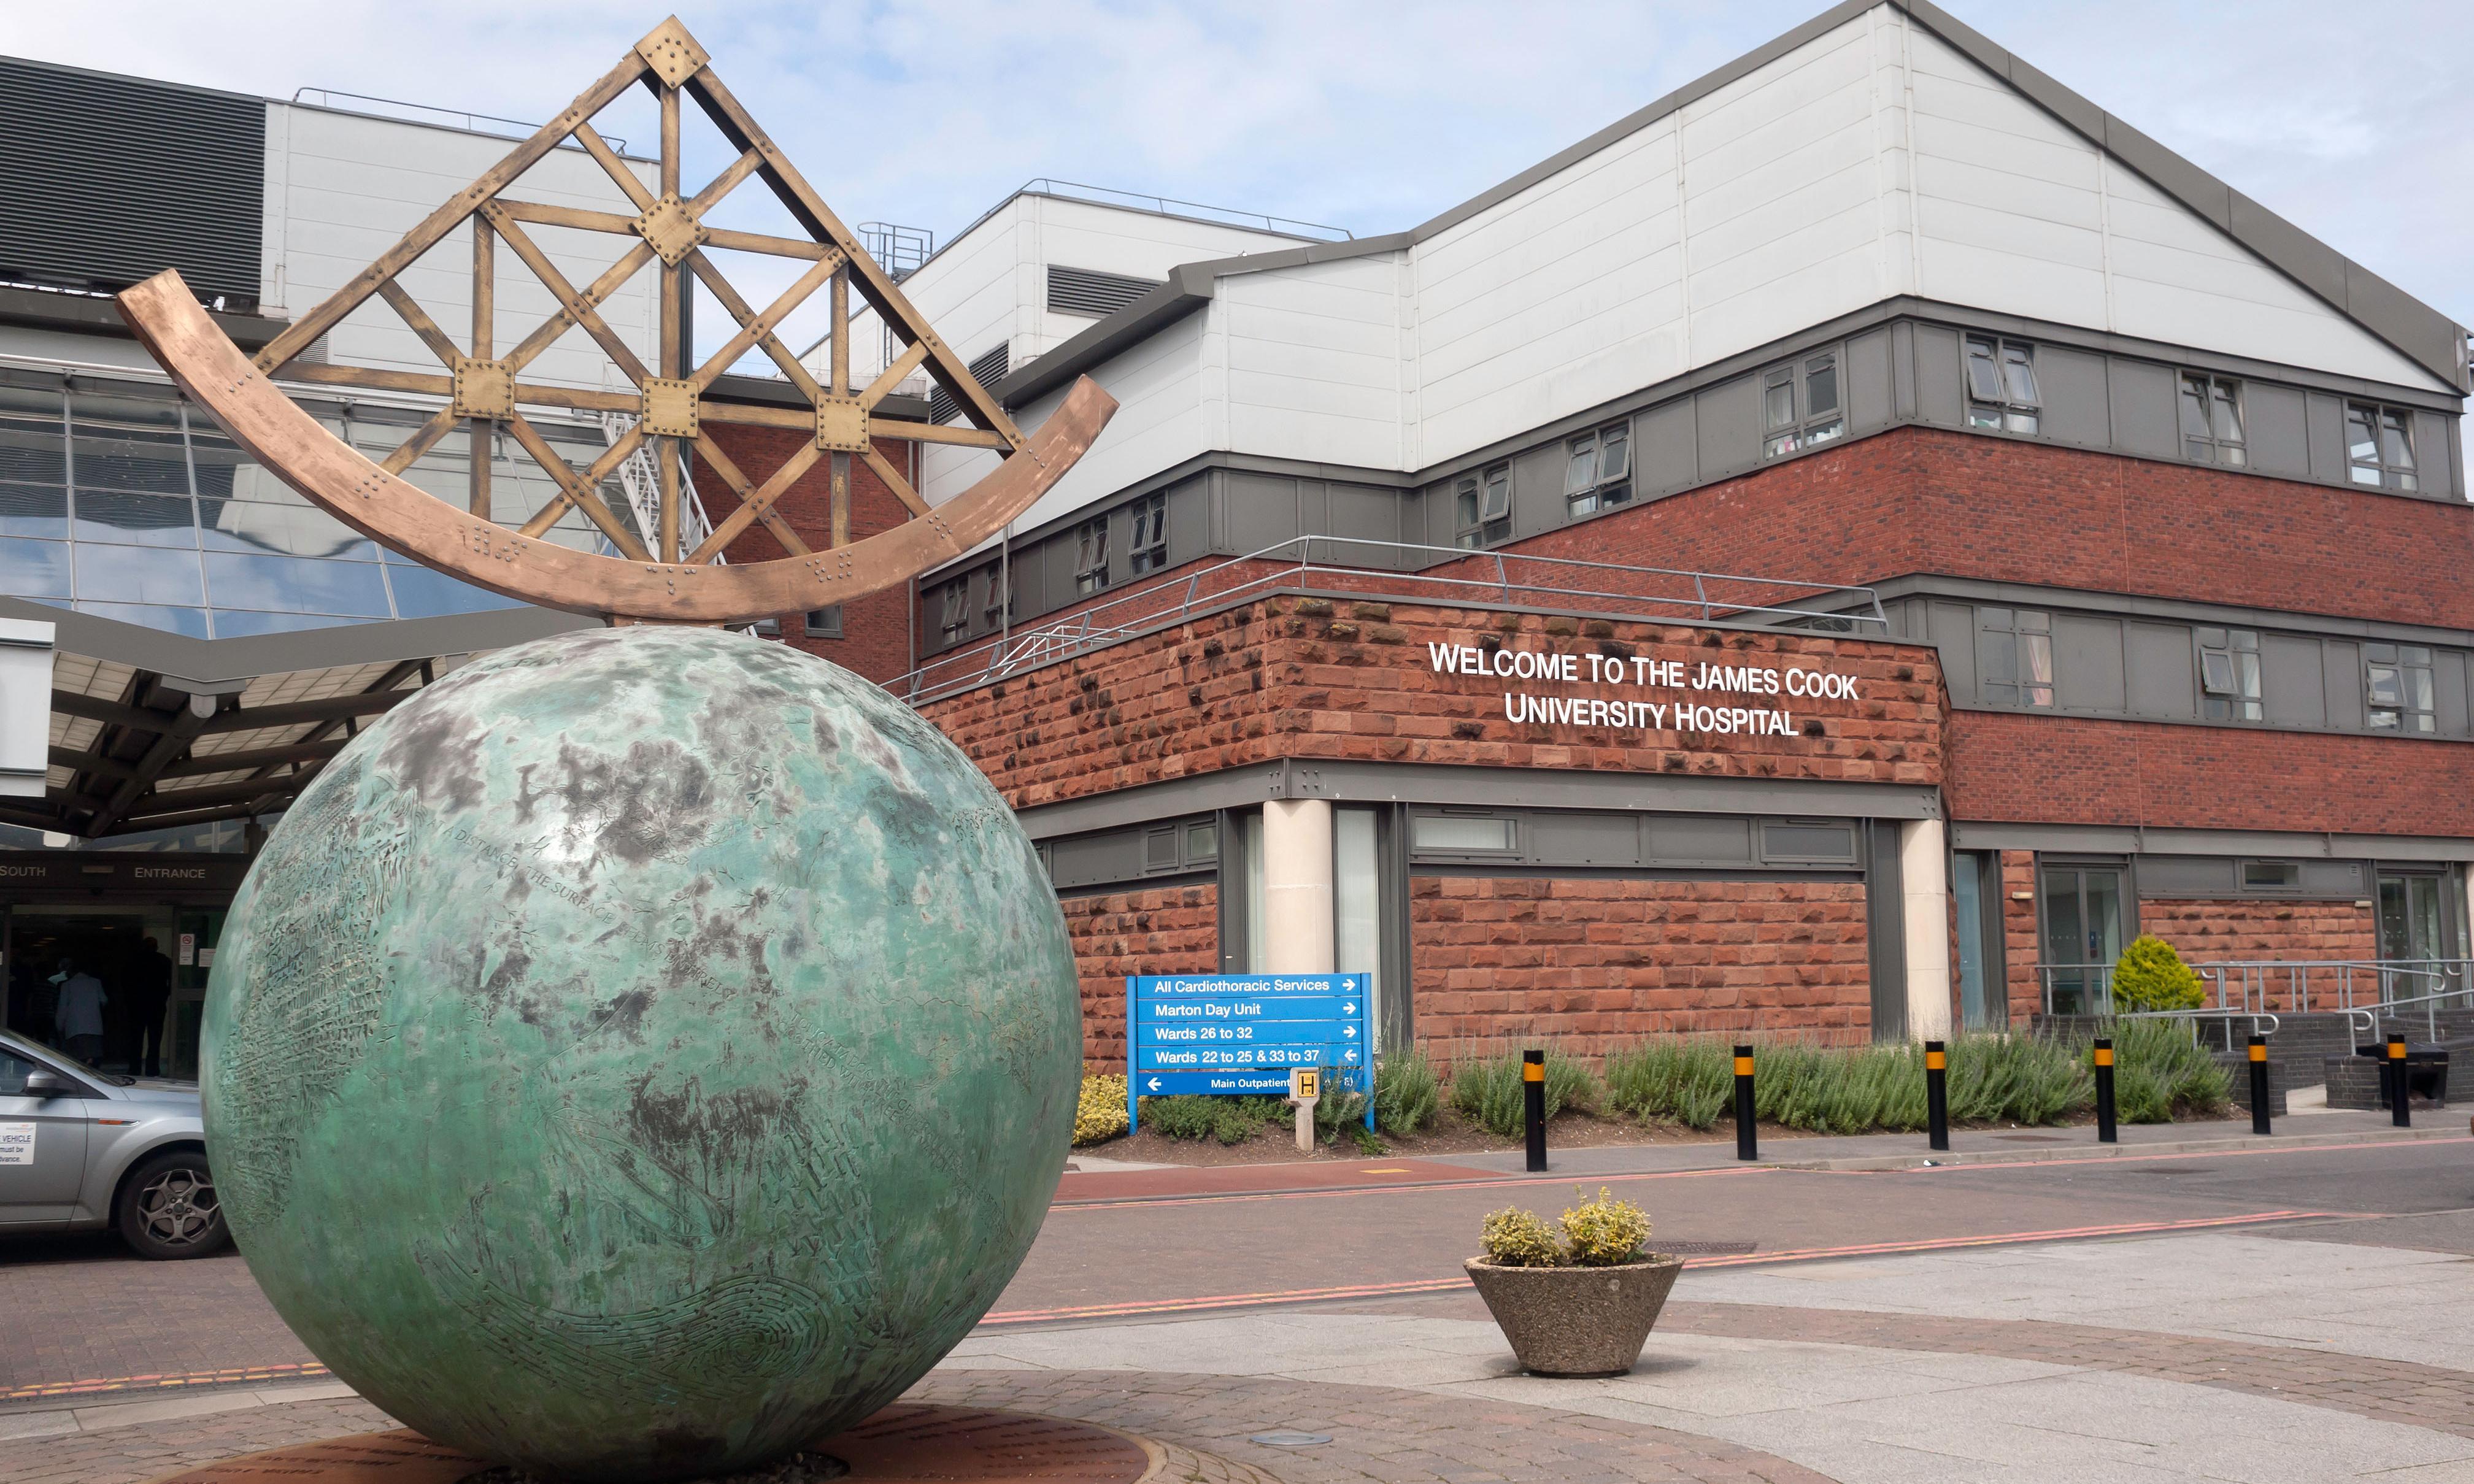 UK hospital apologises for signs to coronavirus isolation facility